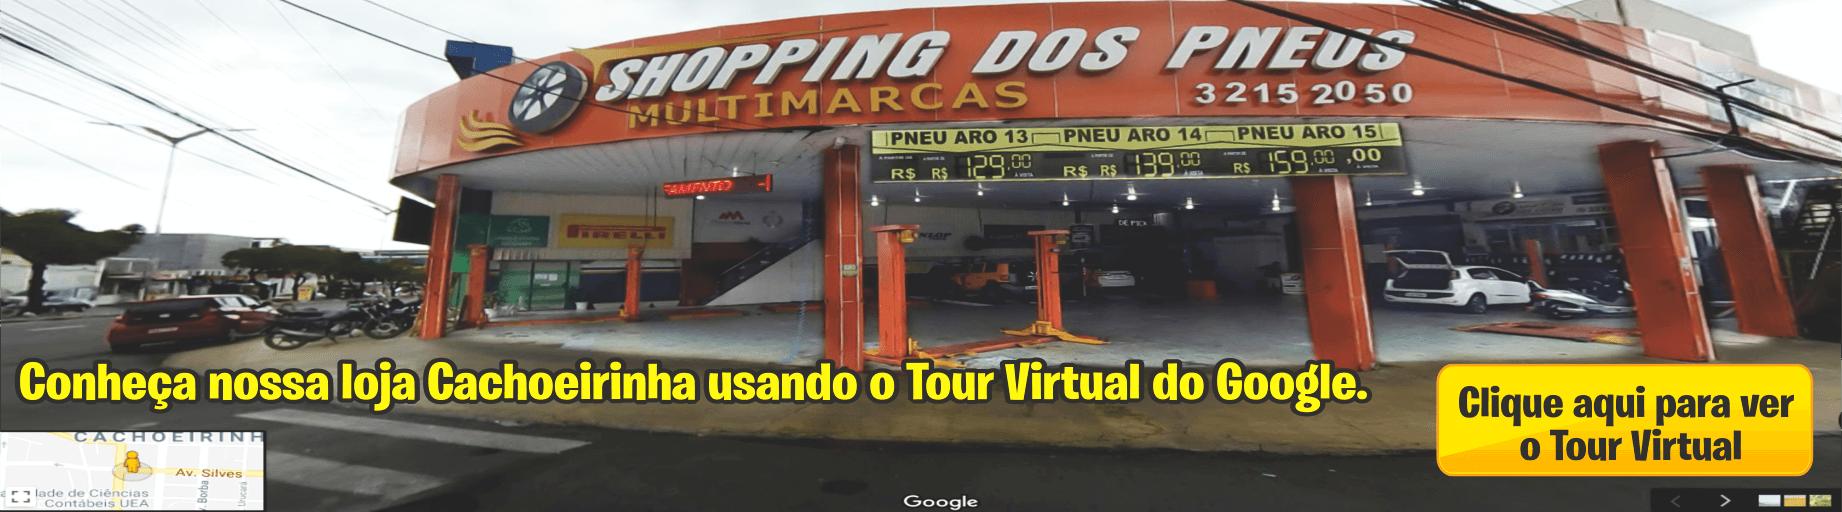 arte-conheça-o-Tour-Virtual2